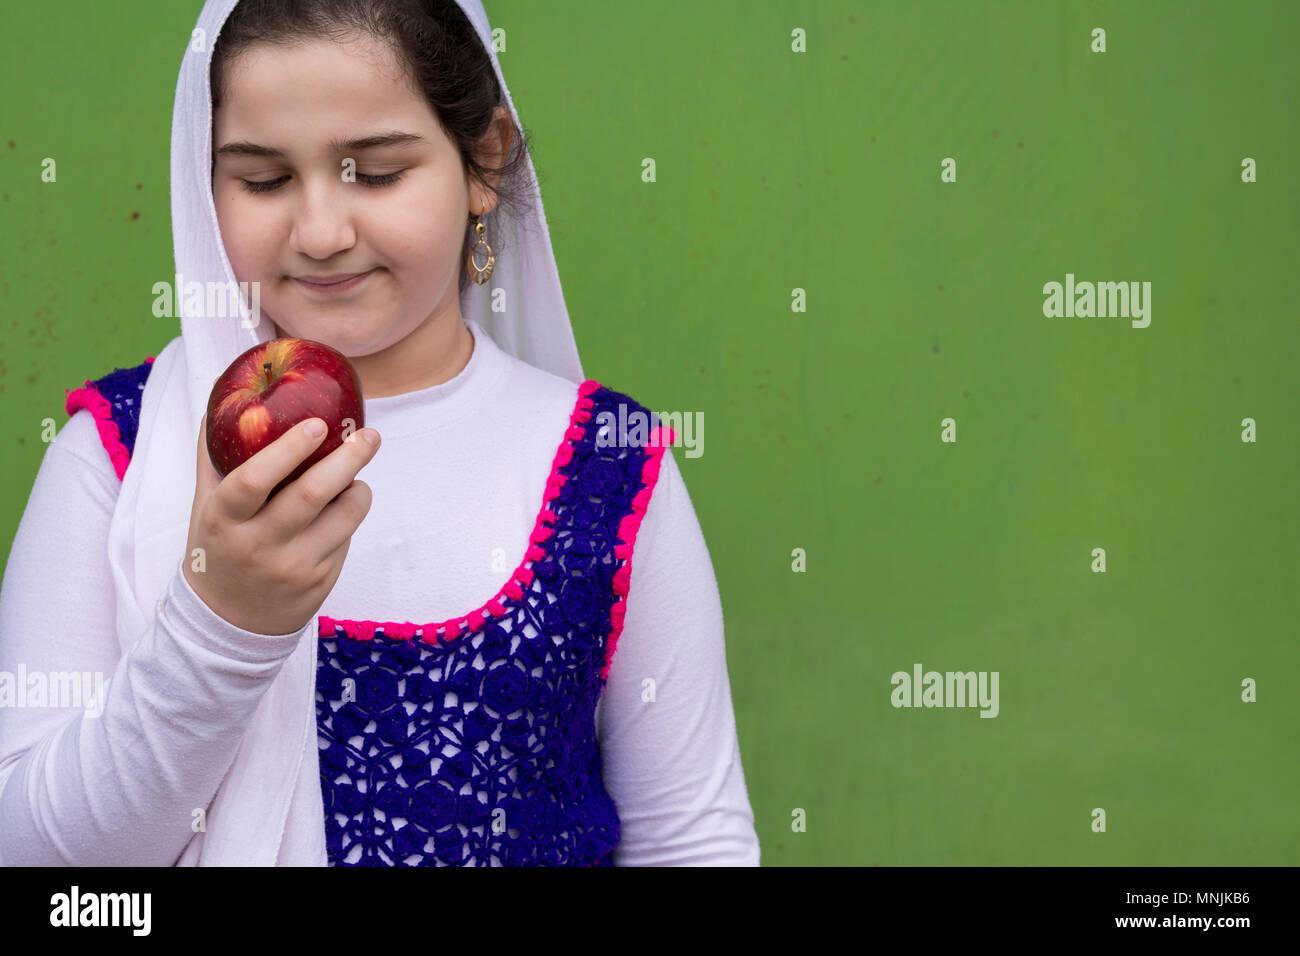 Retrato de hermosa chica adolescente con manzana roja en la mano derecha 0d395c67b055